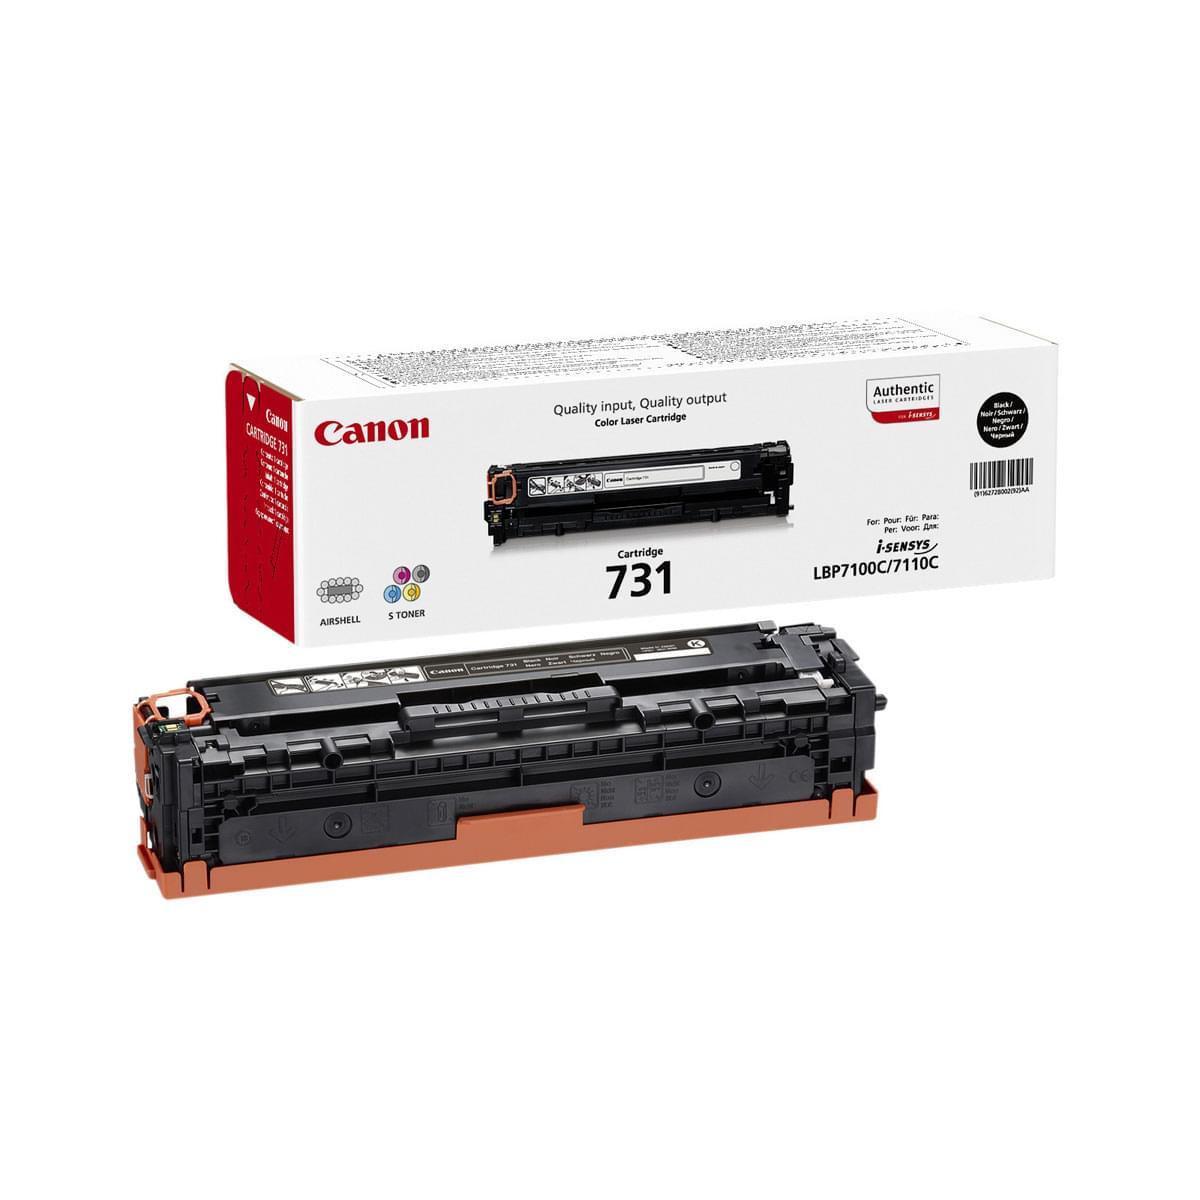 Canon Toner Noir 731 BK 6272B002 (6272B002) - Achat / Vente Consommable Imprimante sur Cybertek.fr - 0